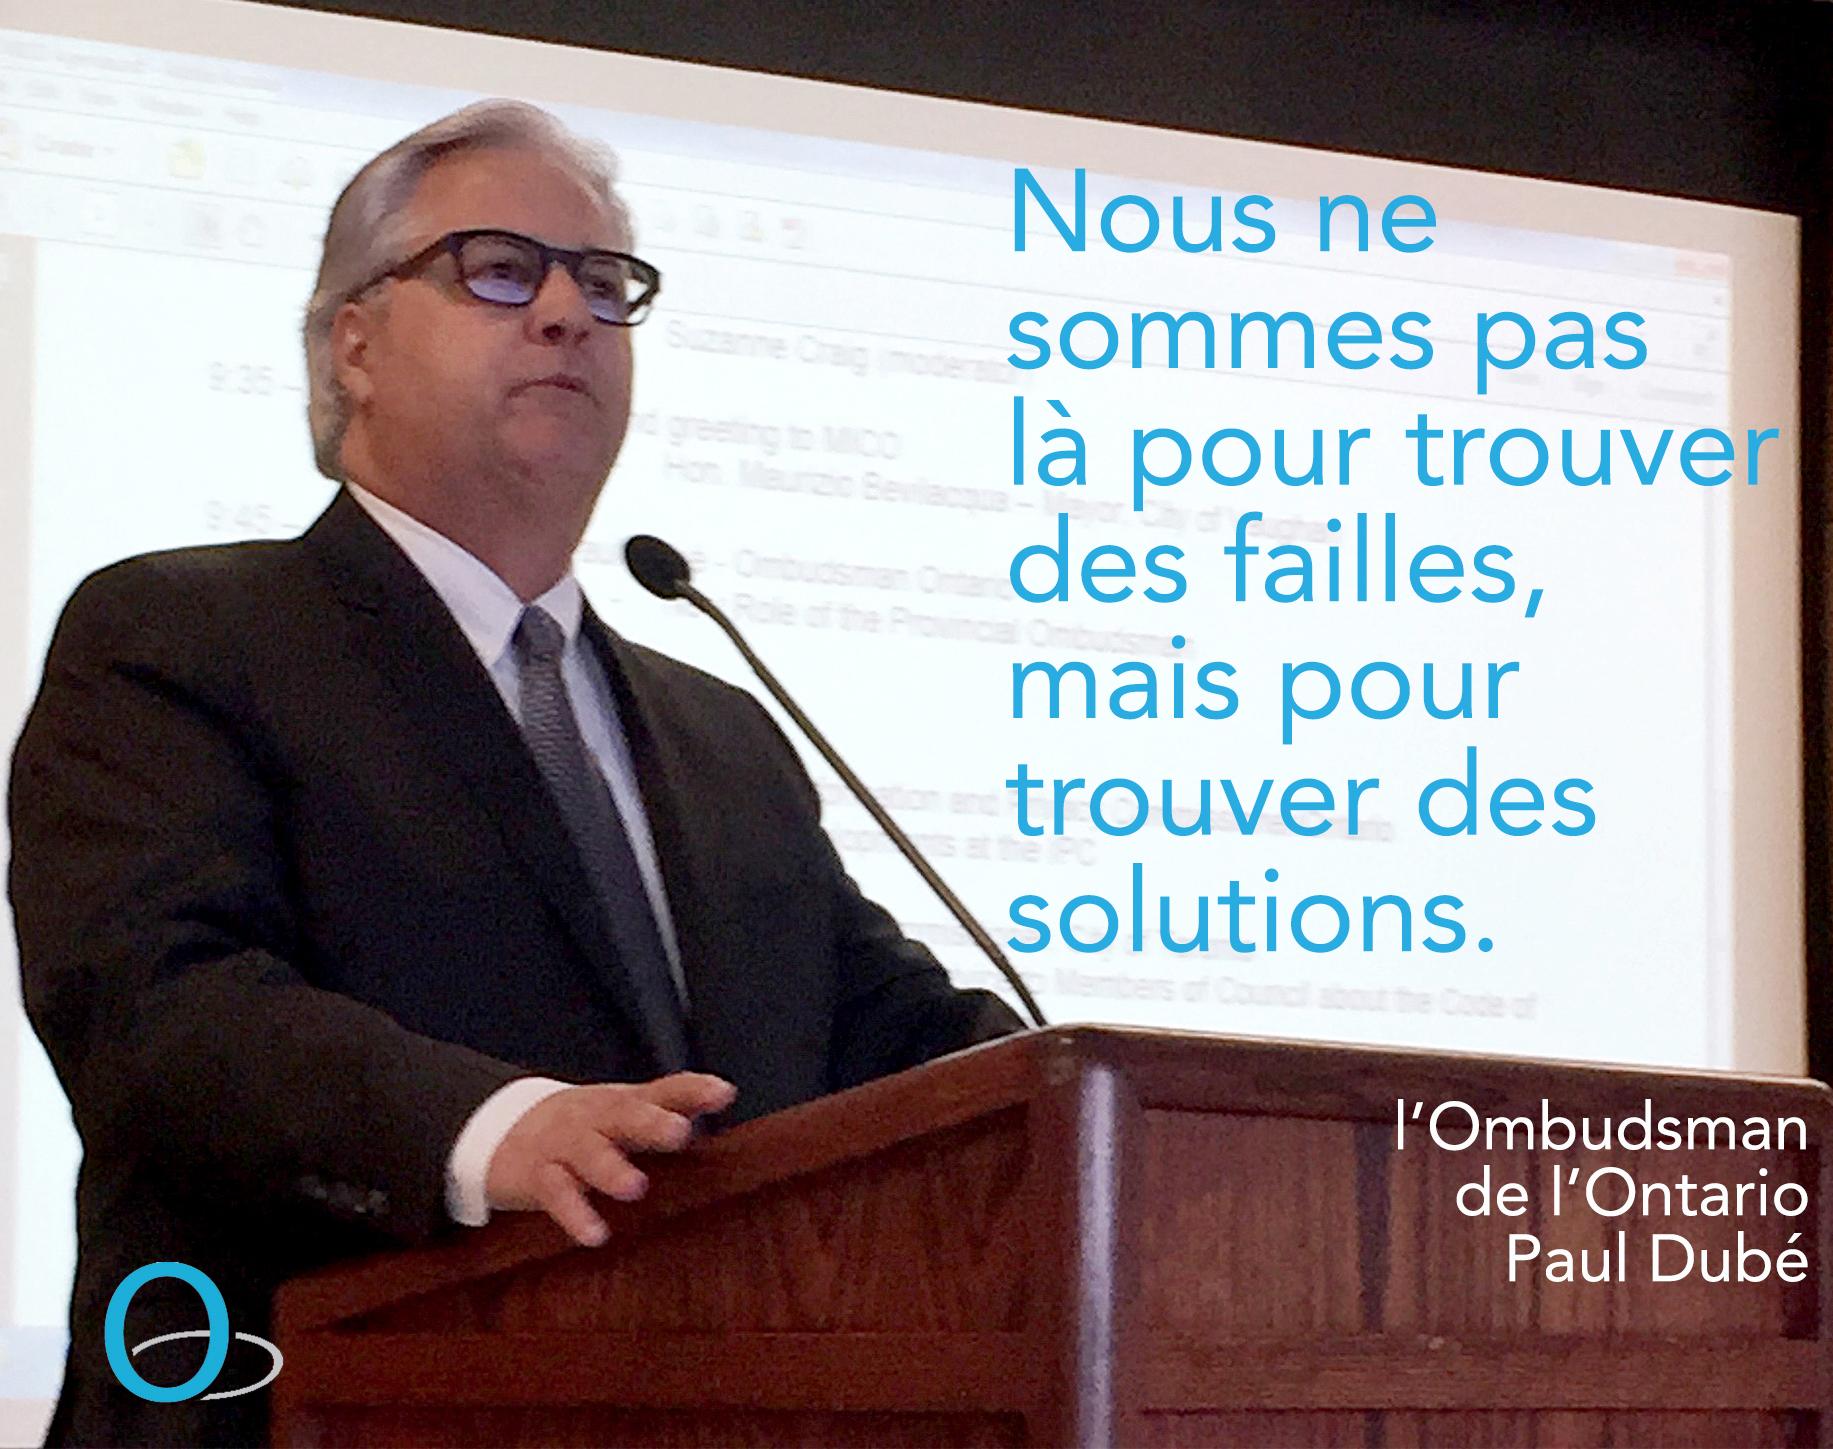 Nous ne sommes pas là pour trouver des failles, mais pour trouver des solutions. l'Ombudsman de l'Ontario, Paul Dubé.